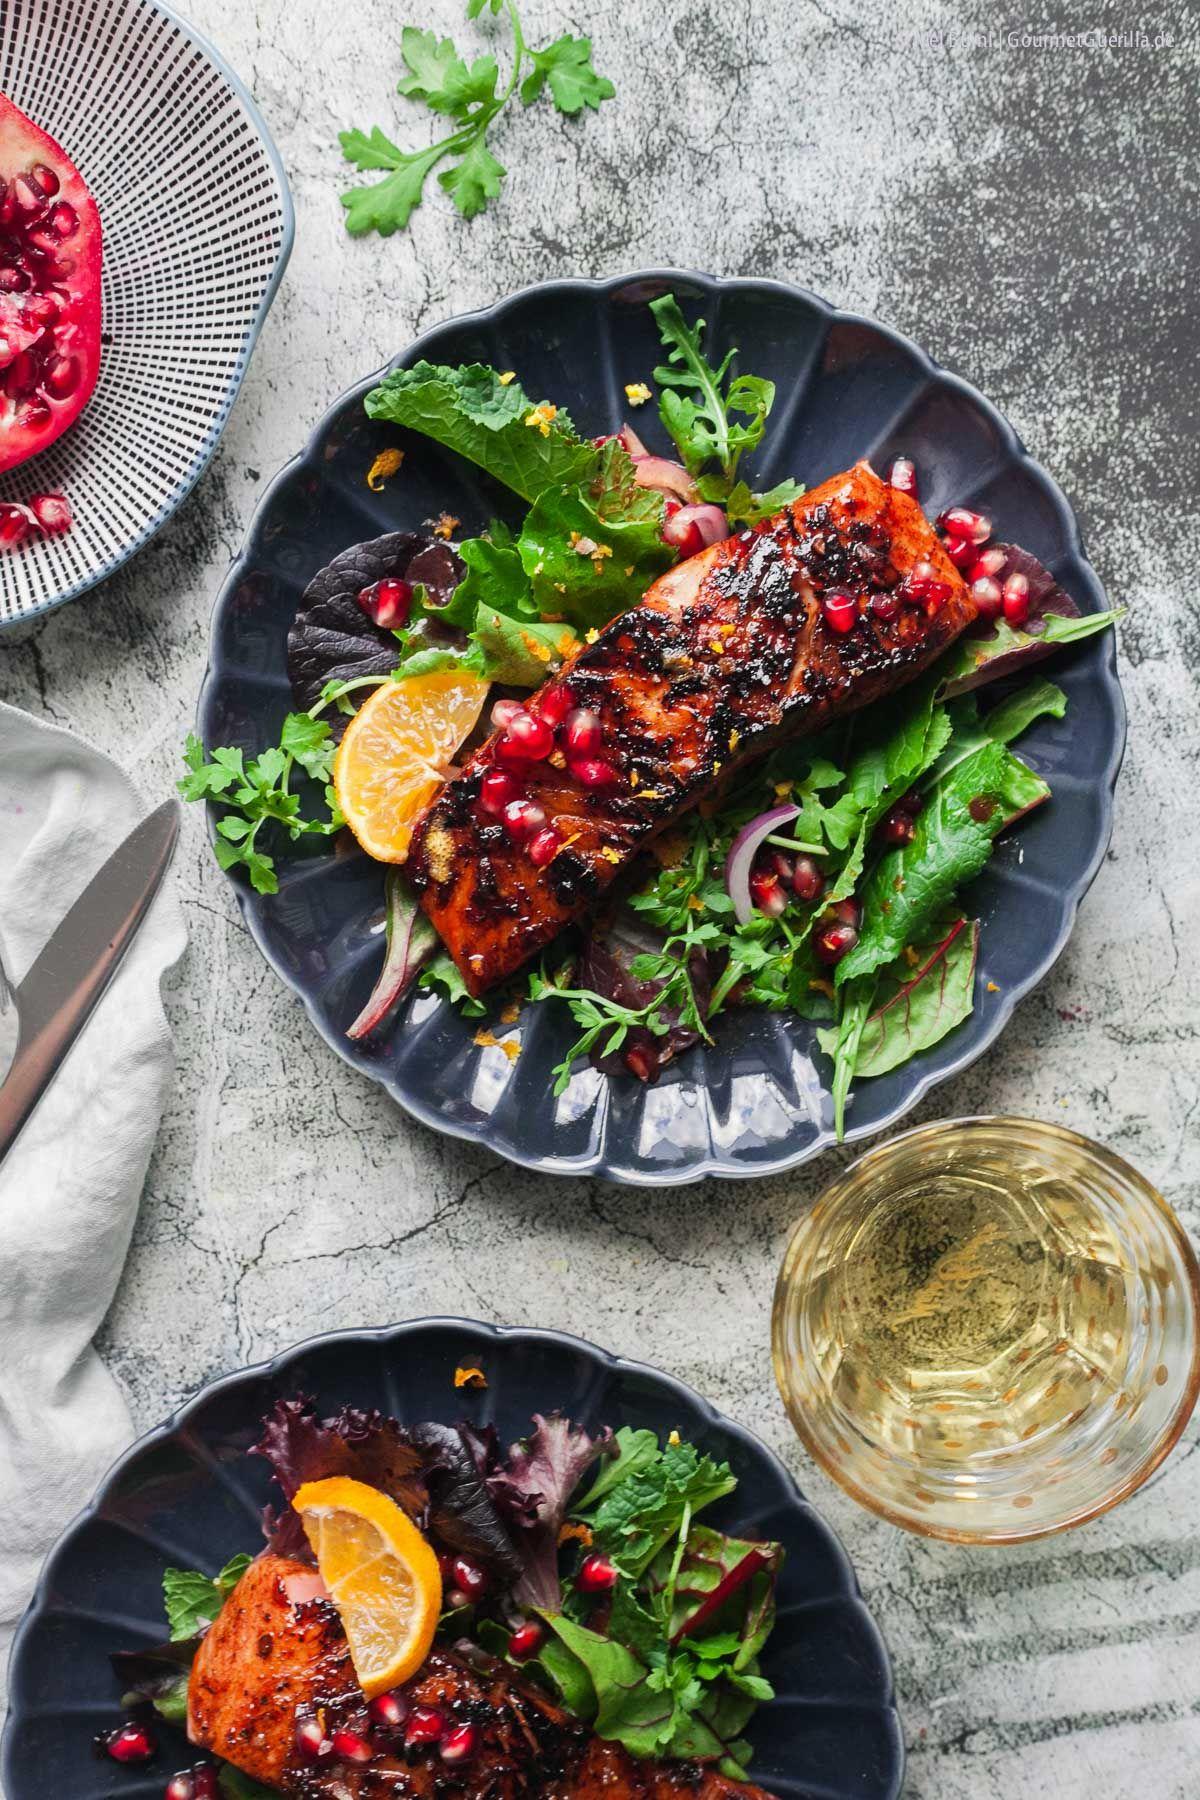 Mit Granatapfel- Melasse glasierter Lachs auf Wildkräuter- Salat. Schnell gemacht und so va-va-vooom! - GourmetGuerilla´s Foxy Food